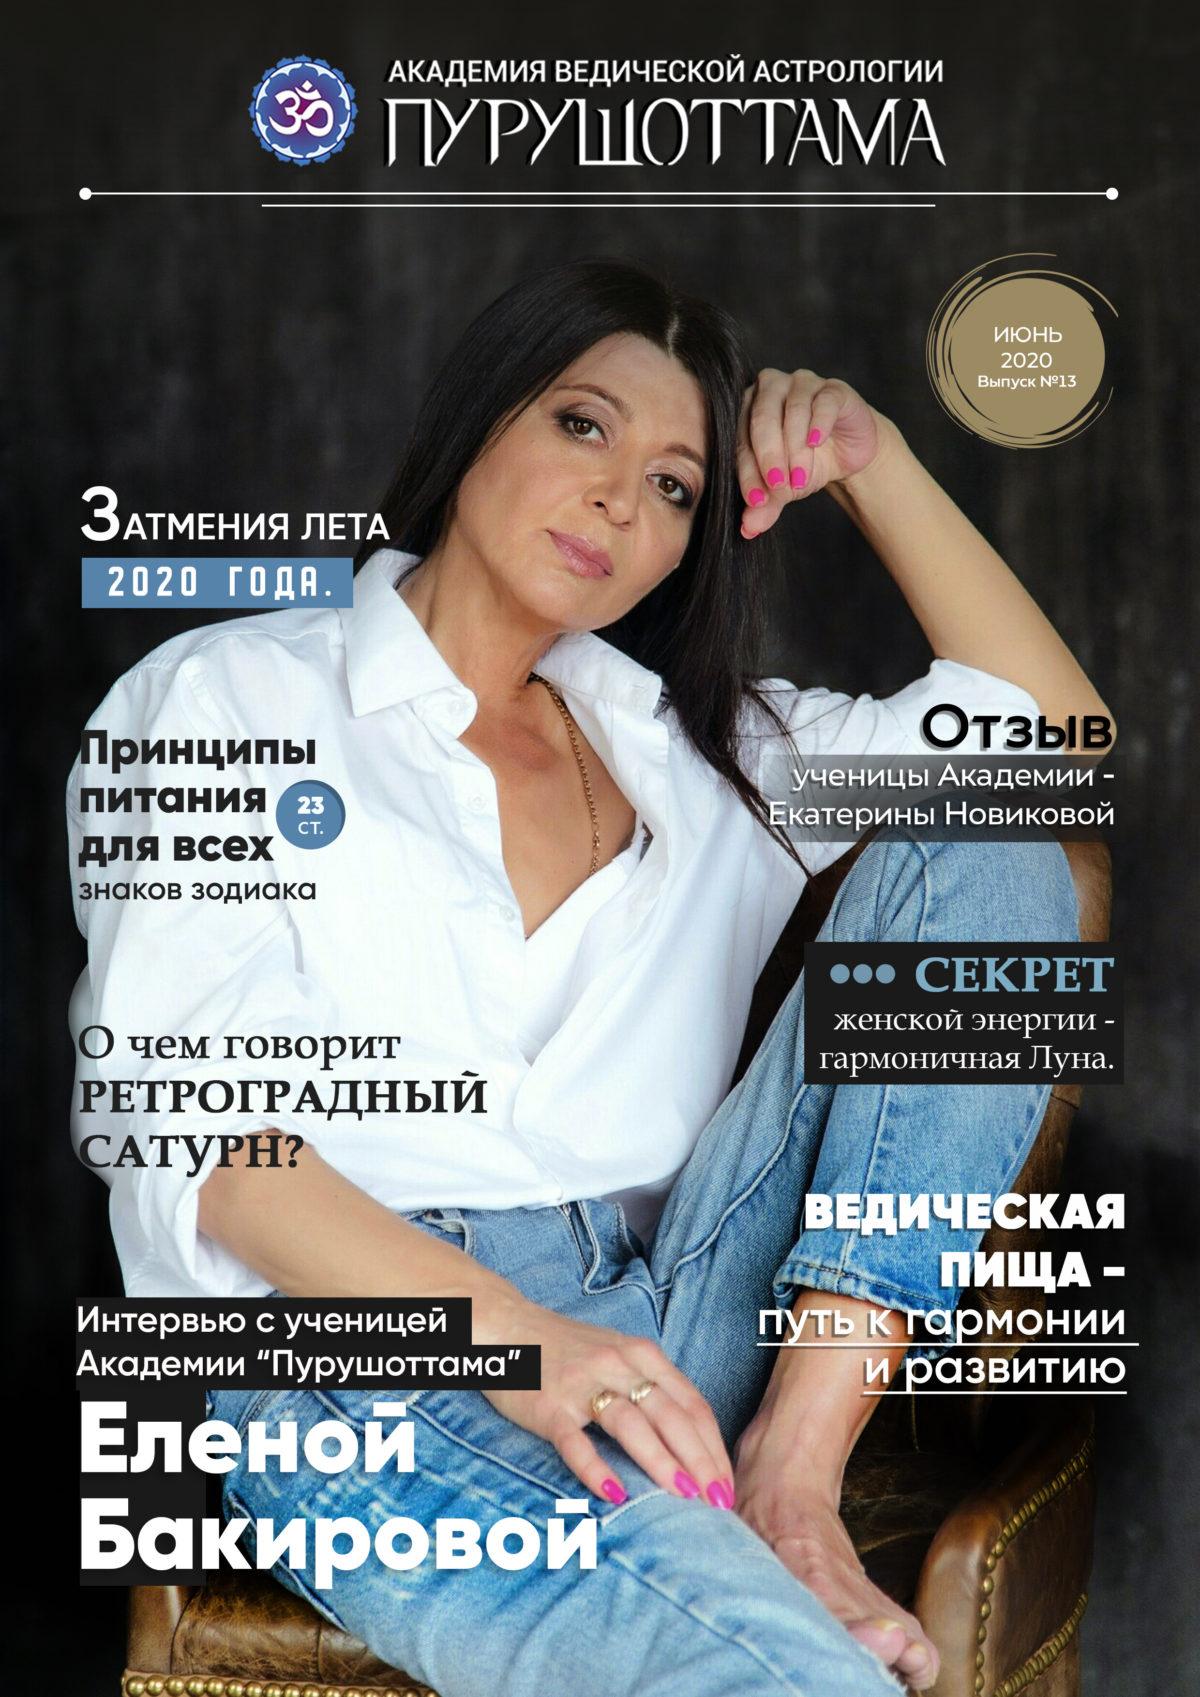 Июньский номер журнала Академии «Пурушоттама»